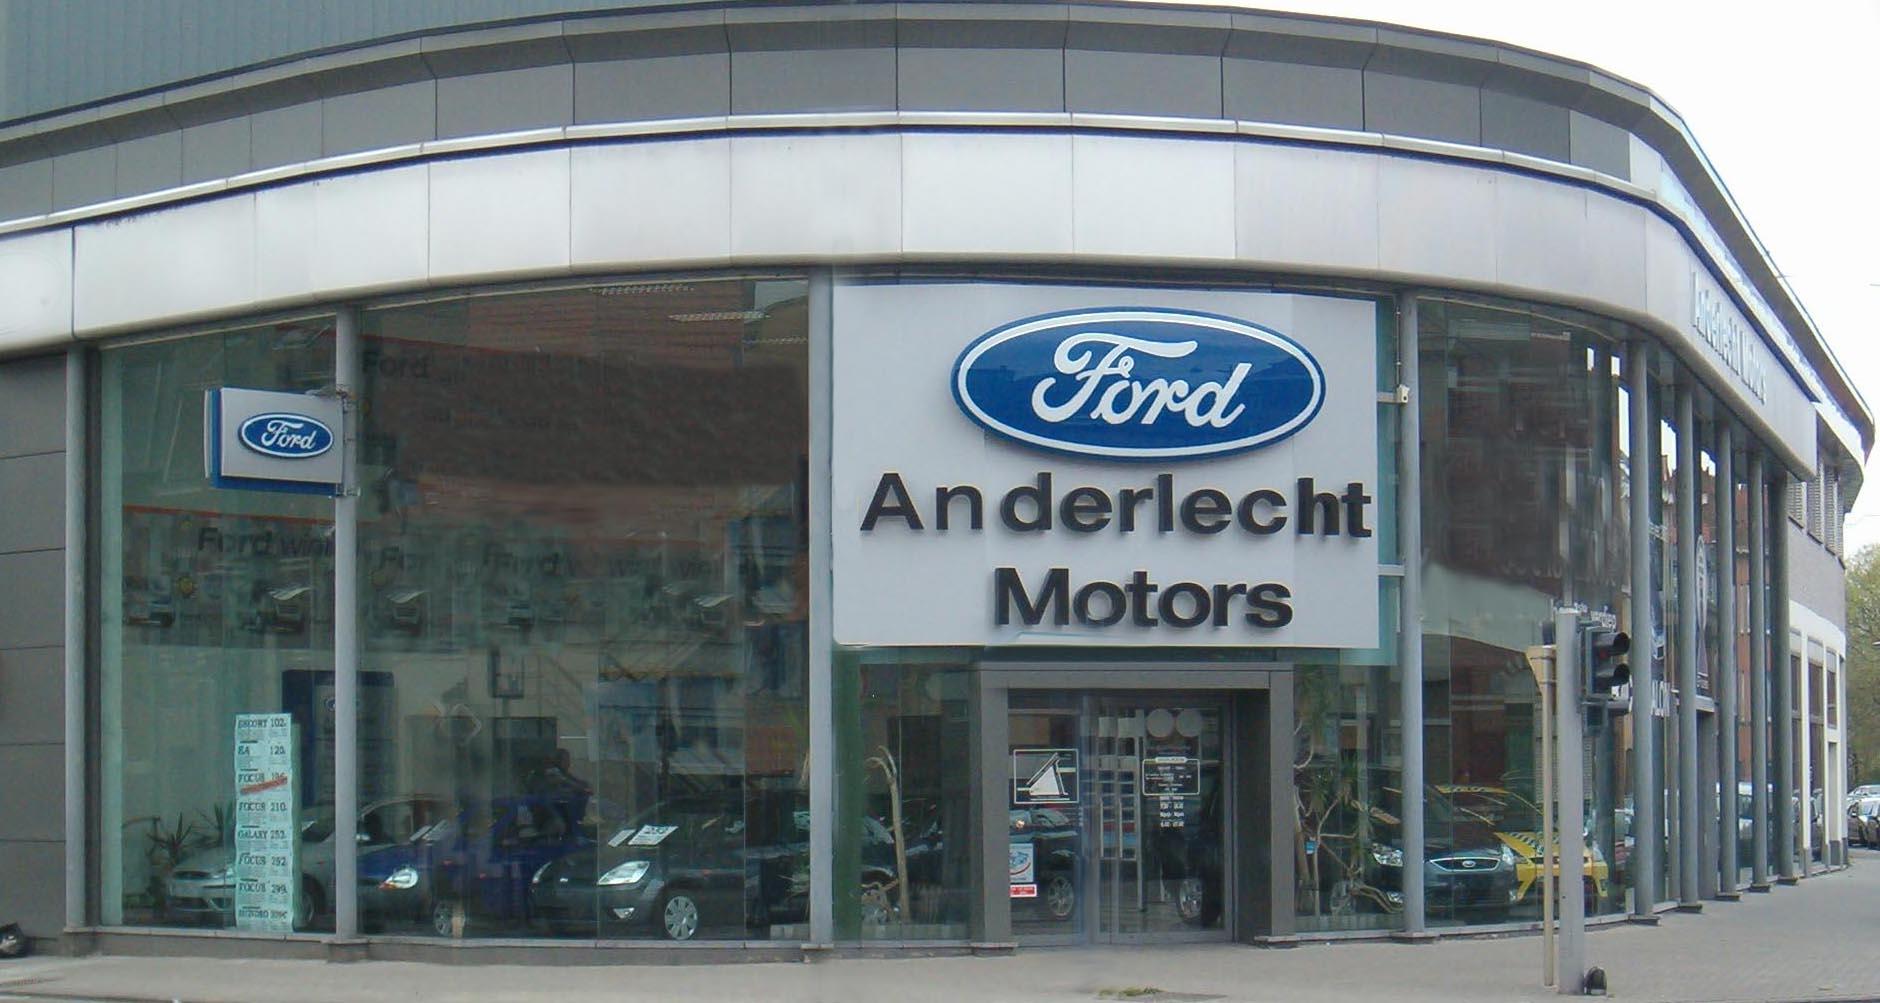 Anderlecht Motors